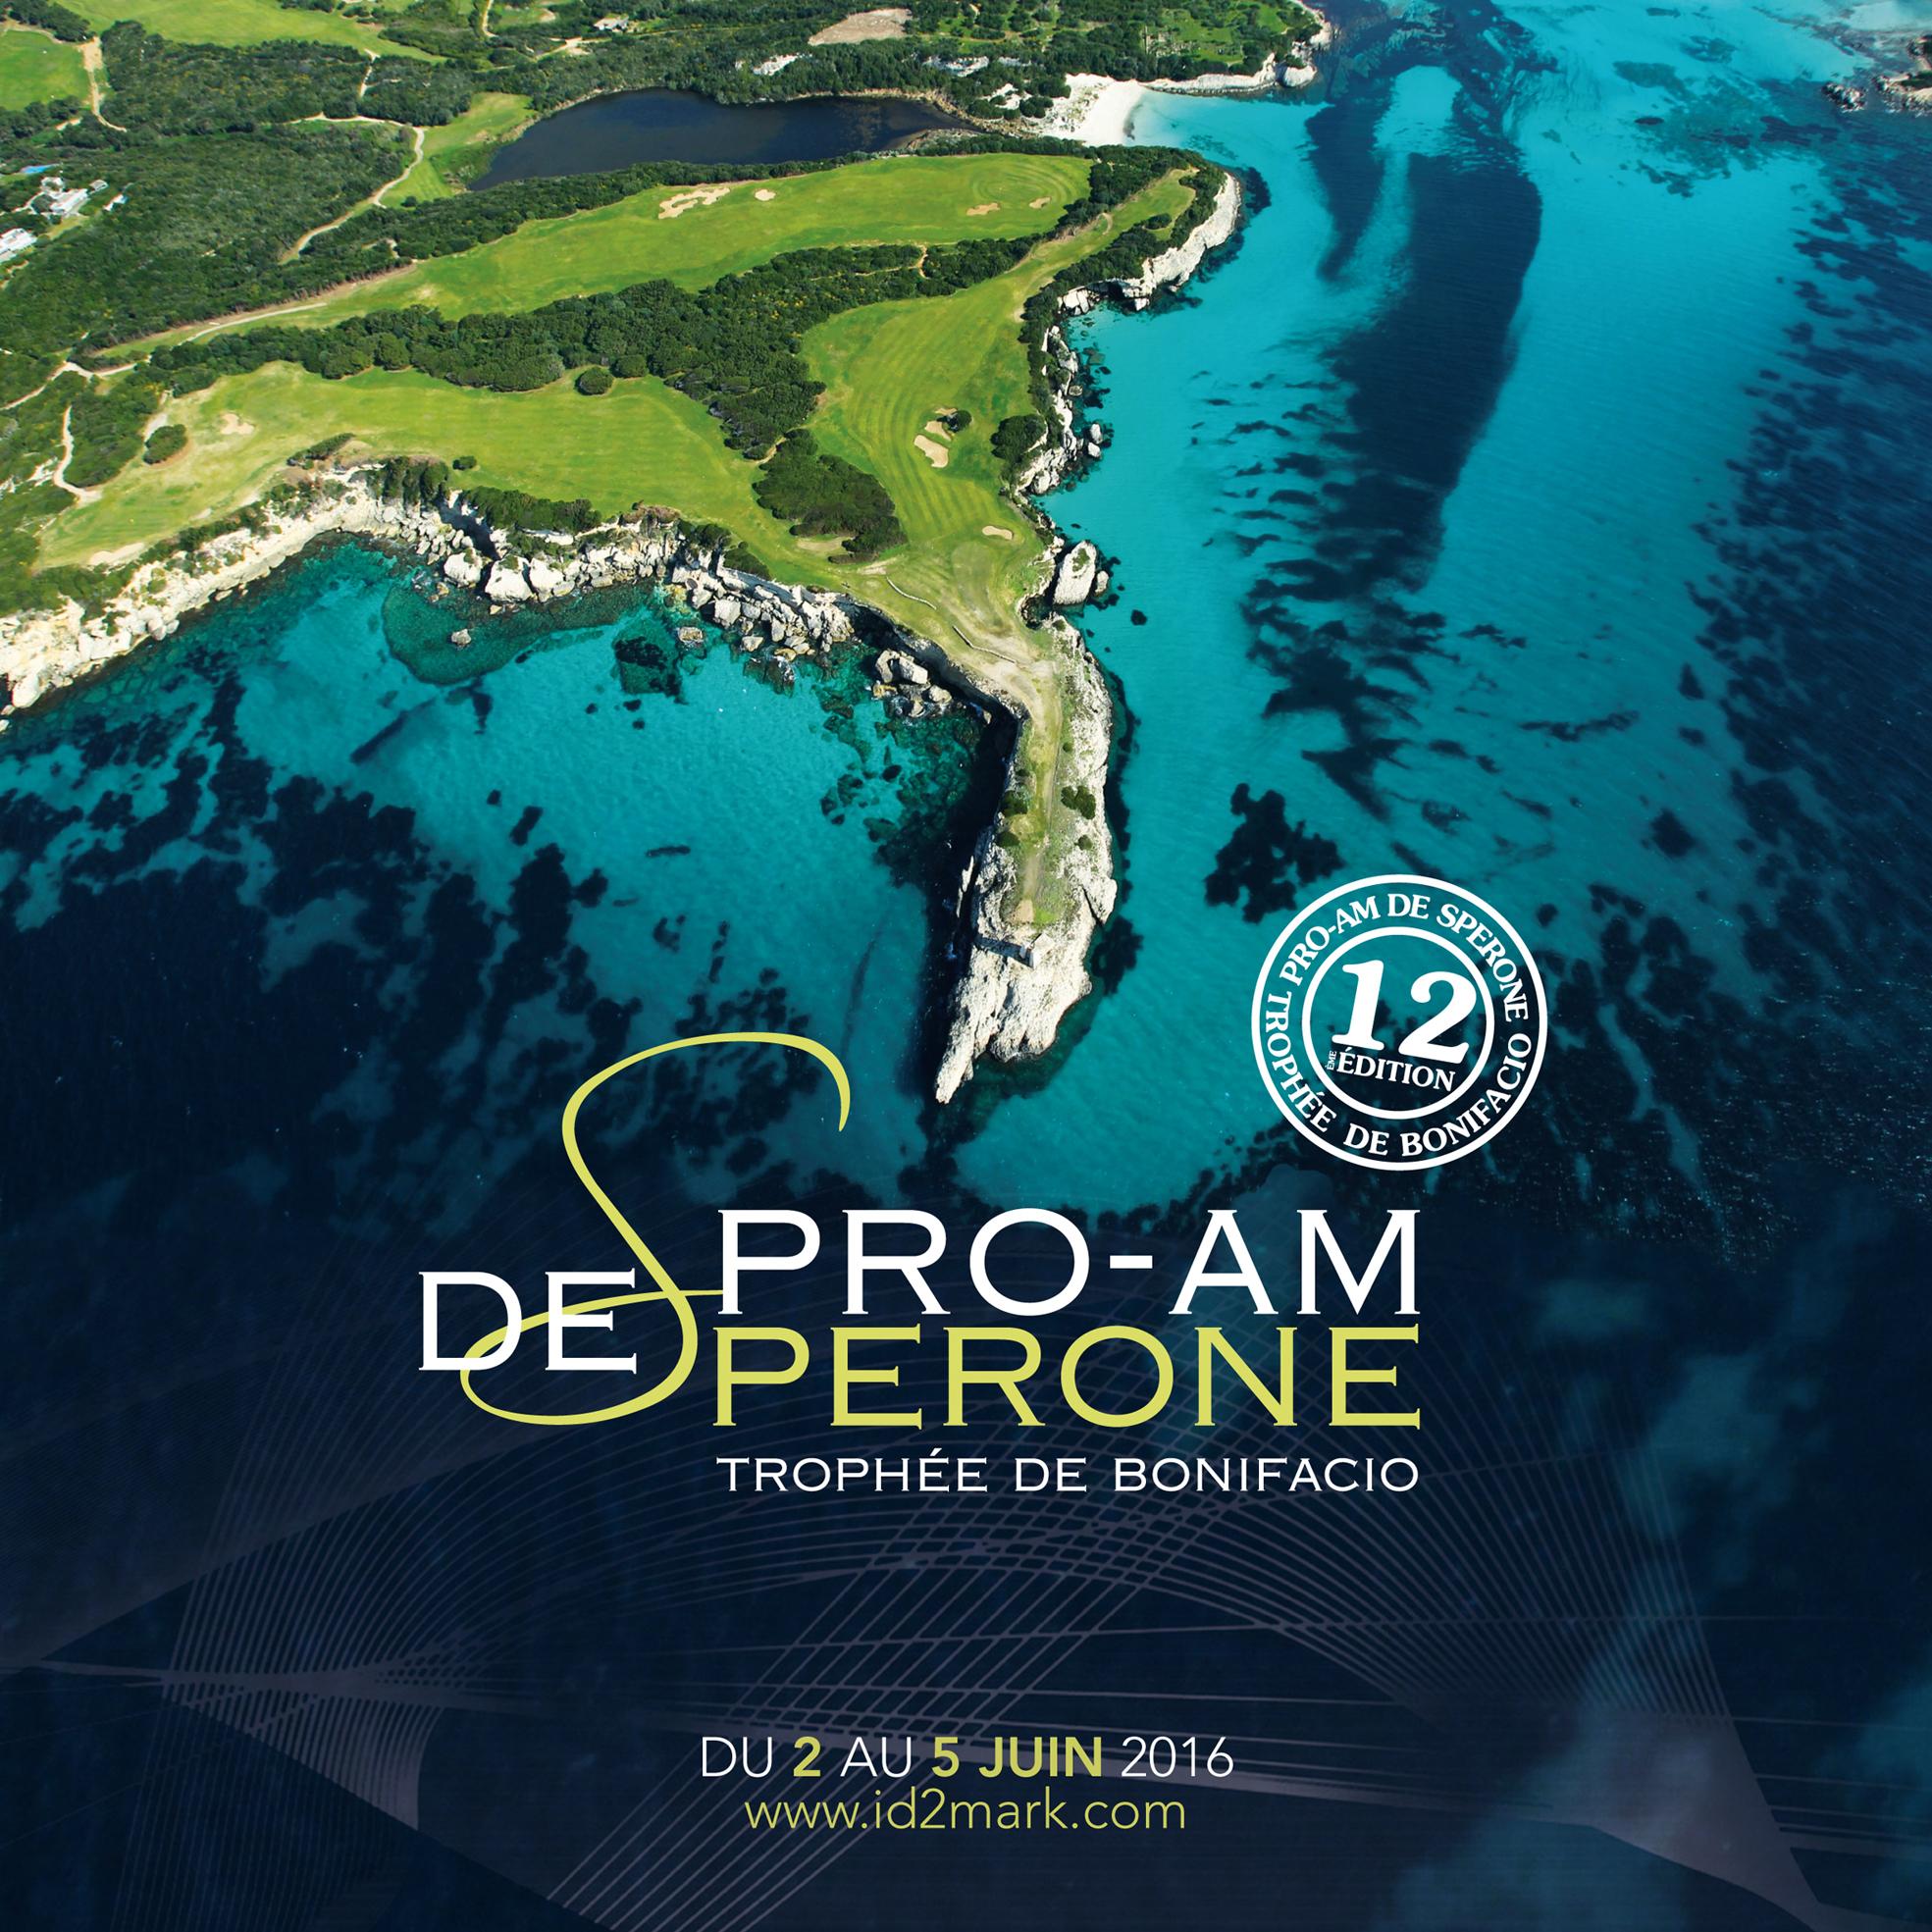 PRO-AM DE SPERONE - TROPHÉE DE BONIFACIO